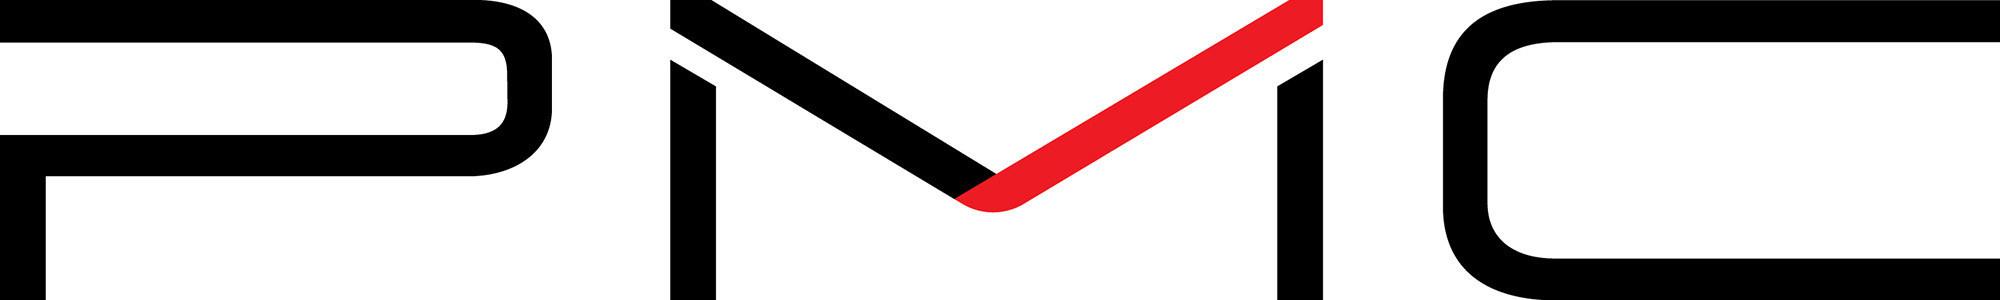 Penske Media Corporation logo